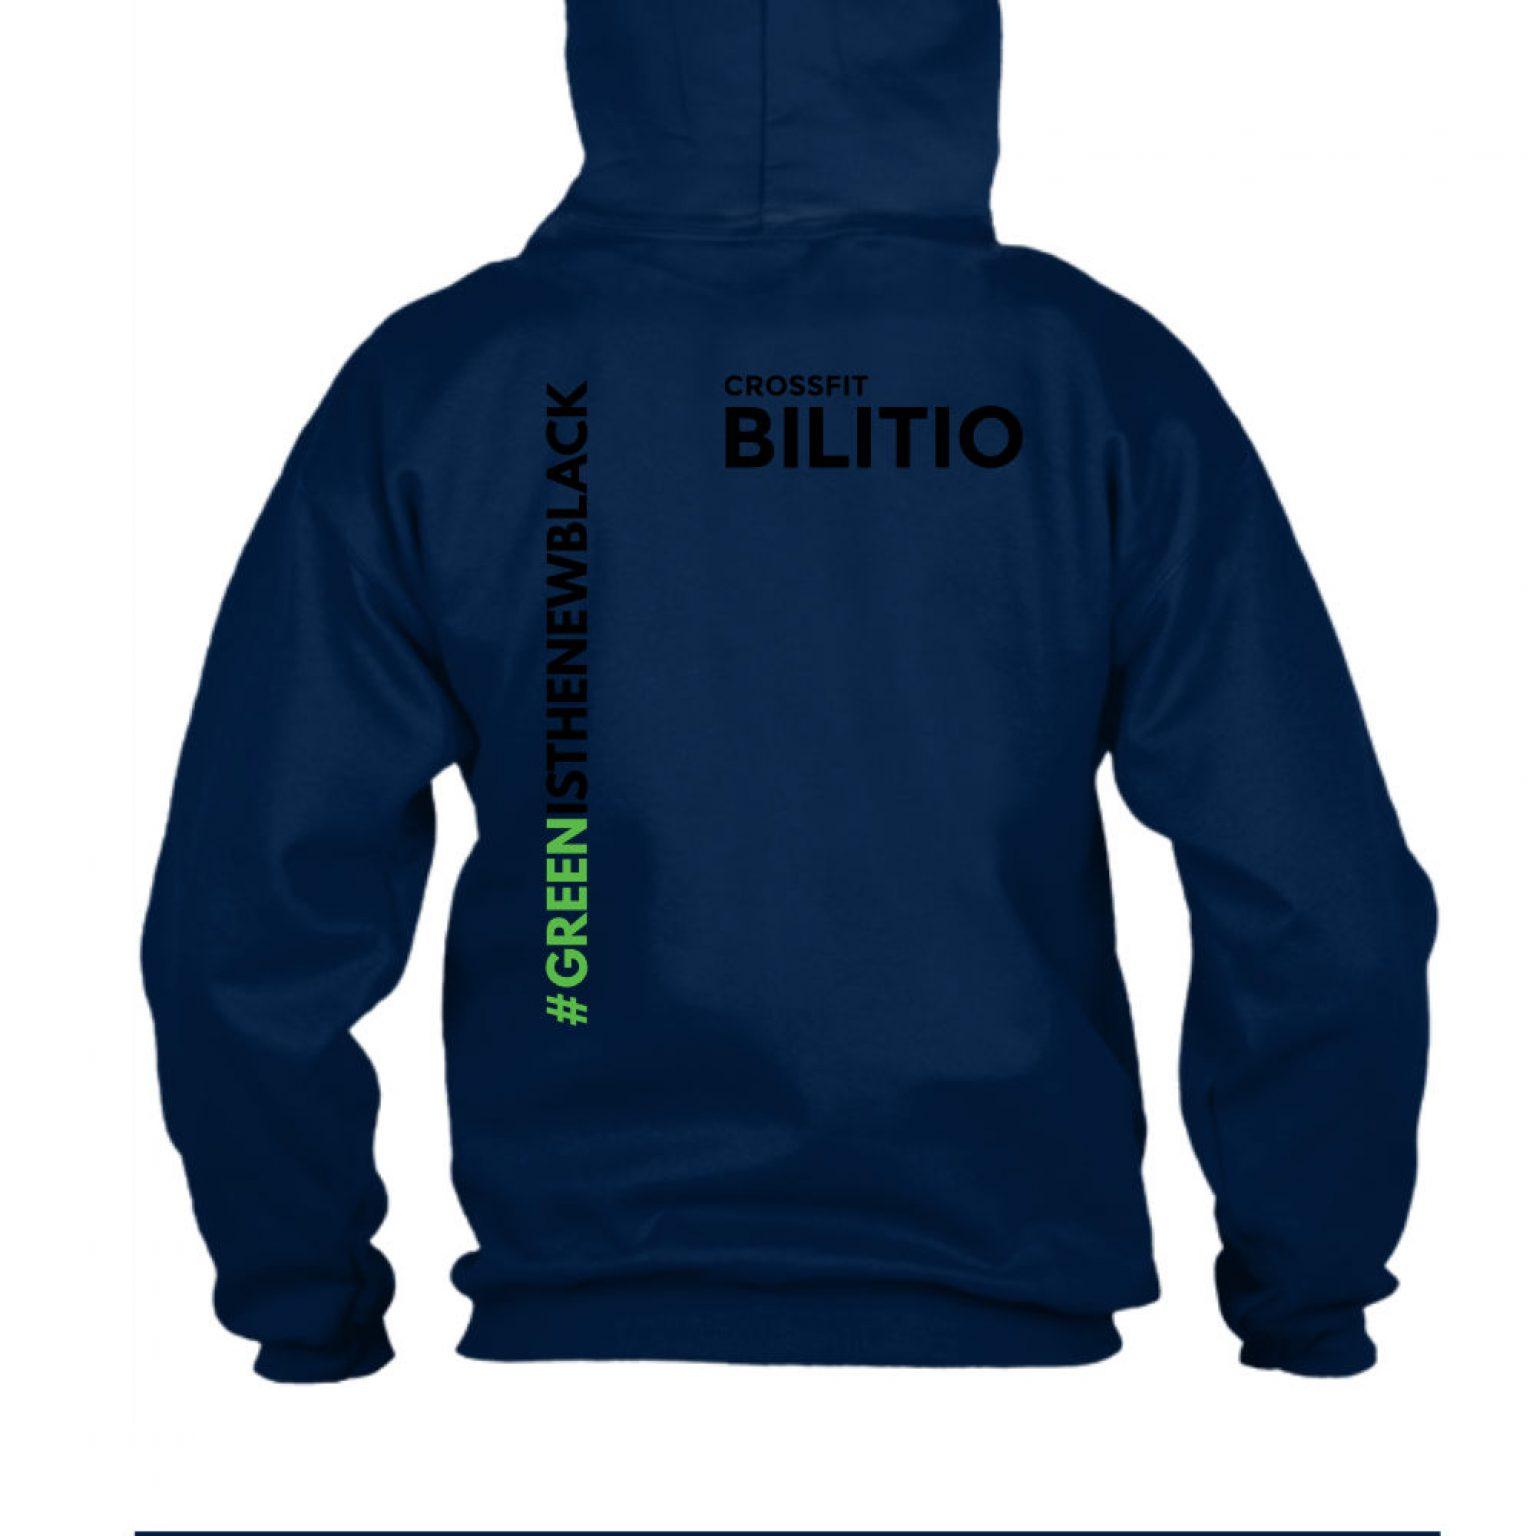 CFB hoodie herren navy back